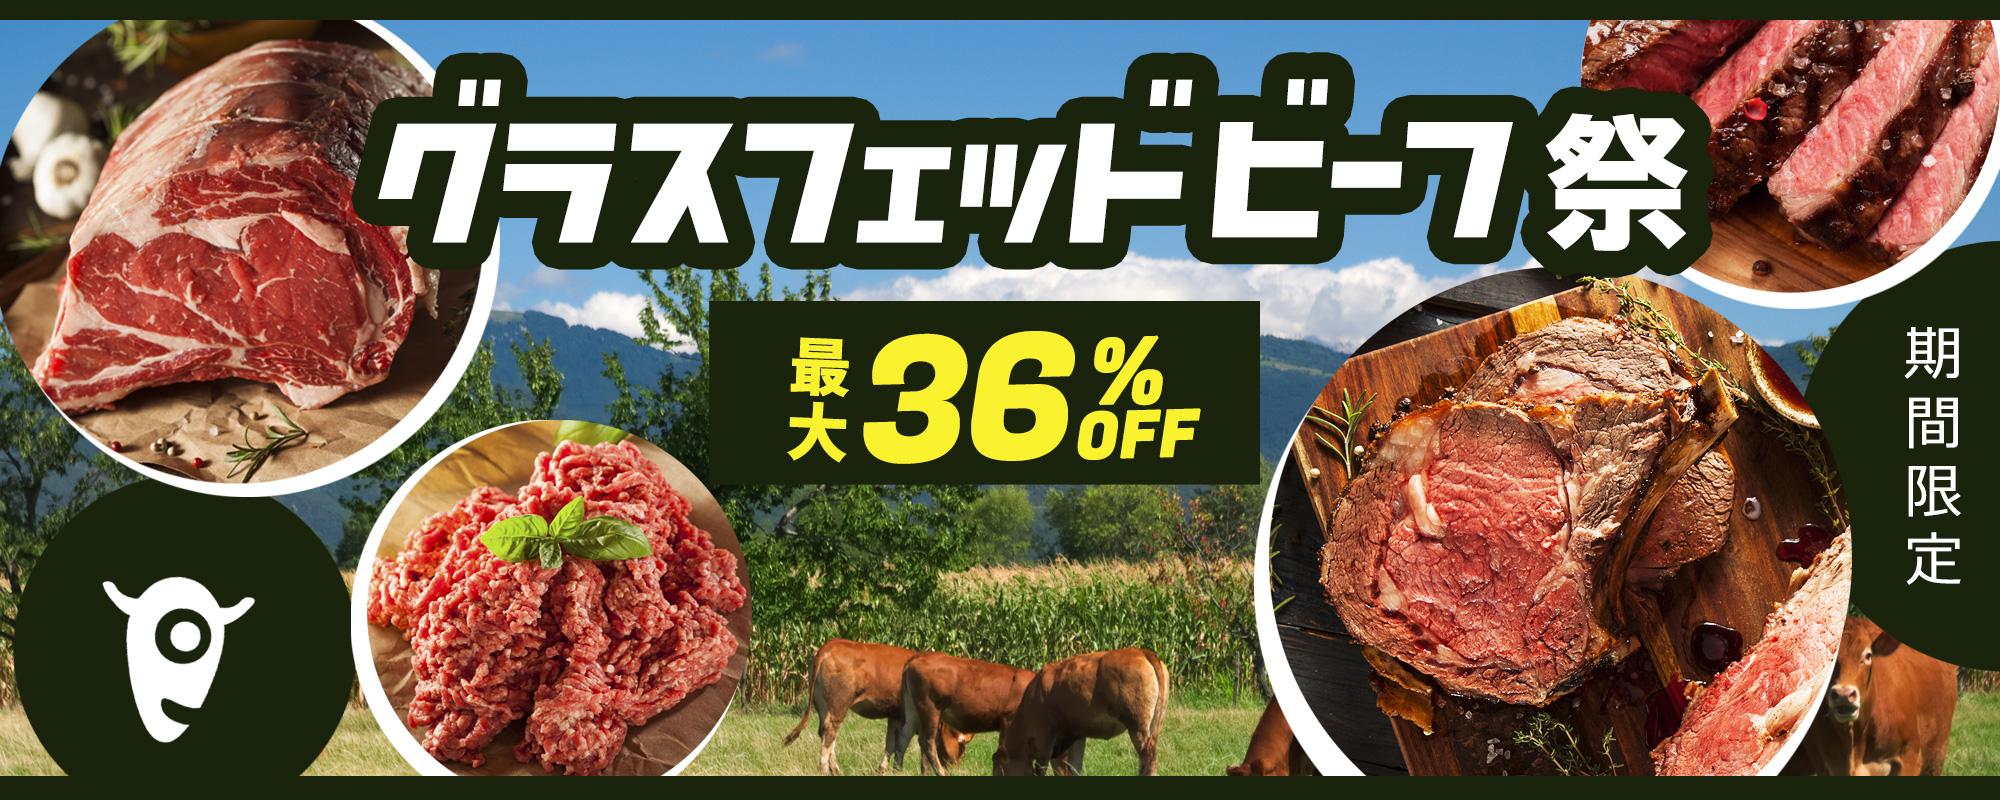 グラスフェッドビーフ祭り!おいしく食べるレシピ付き